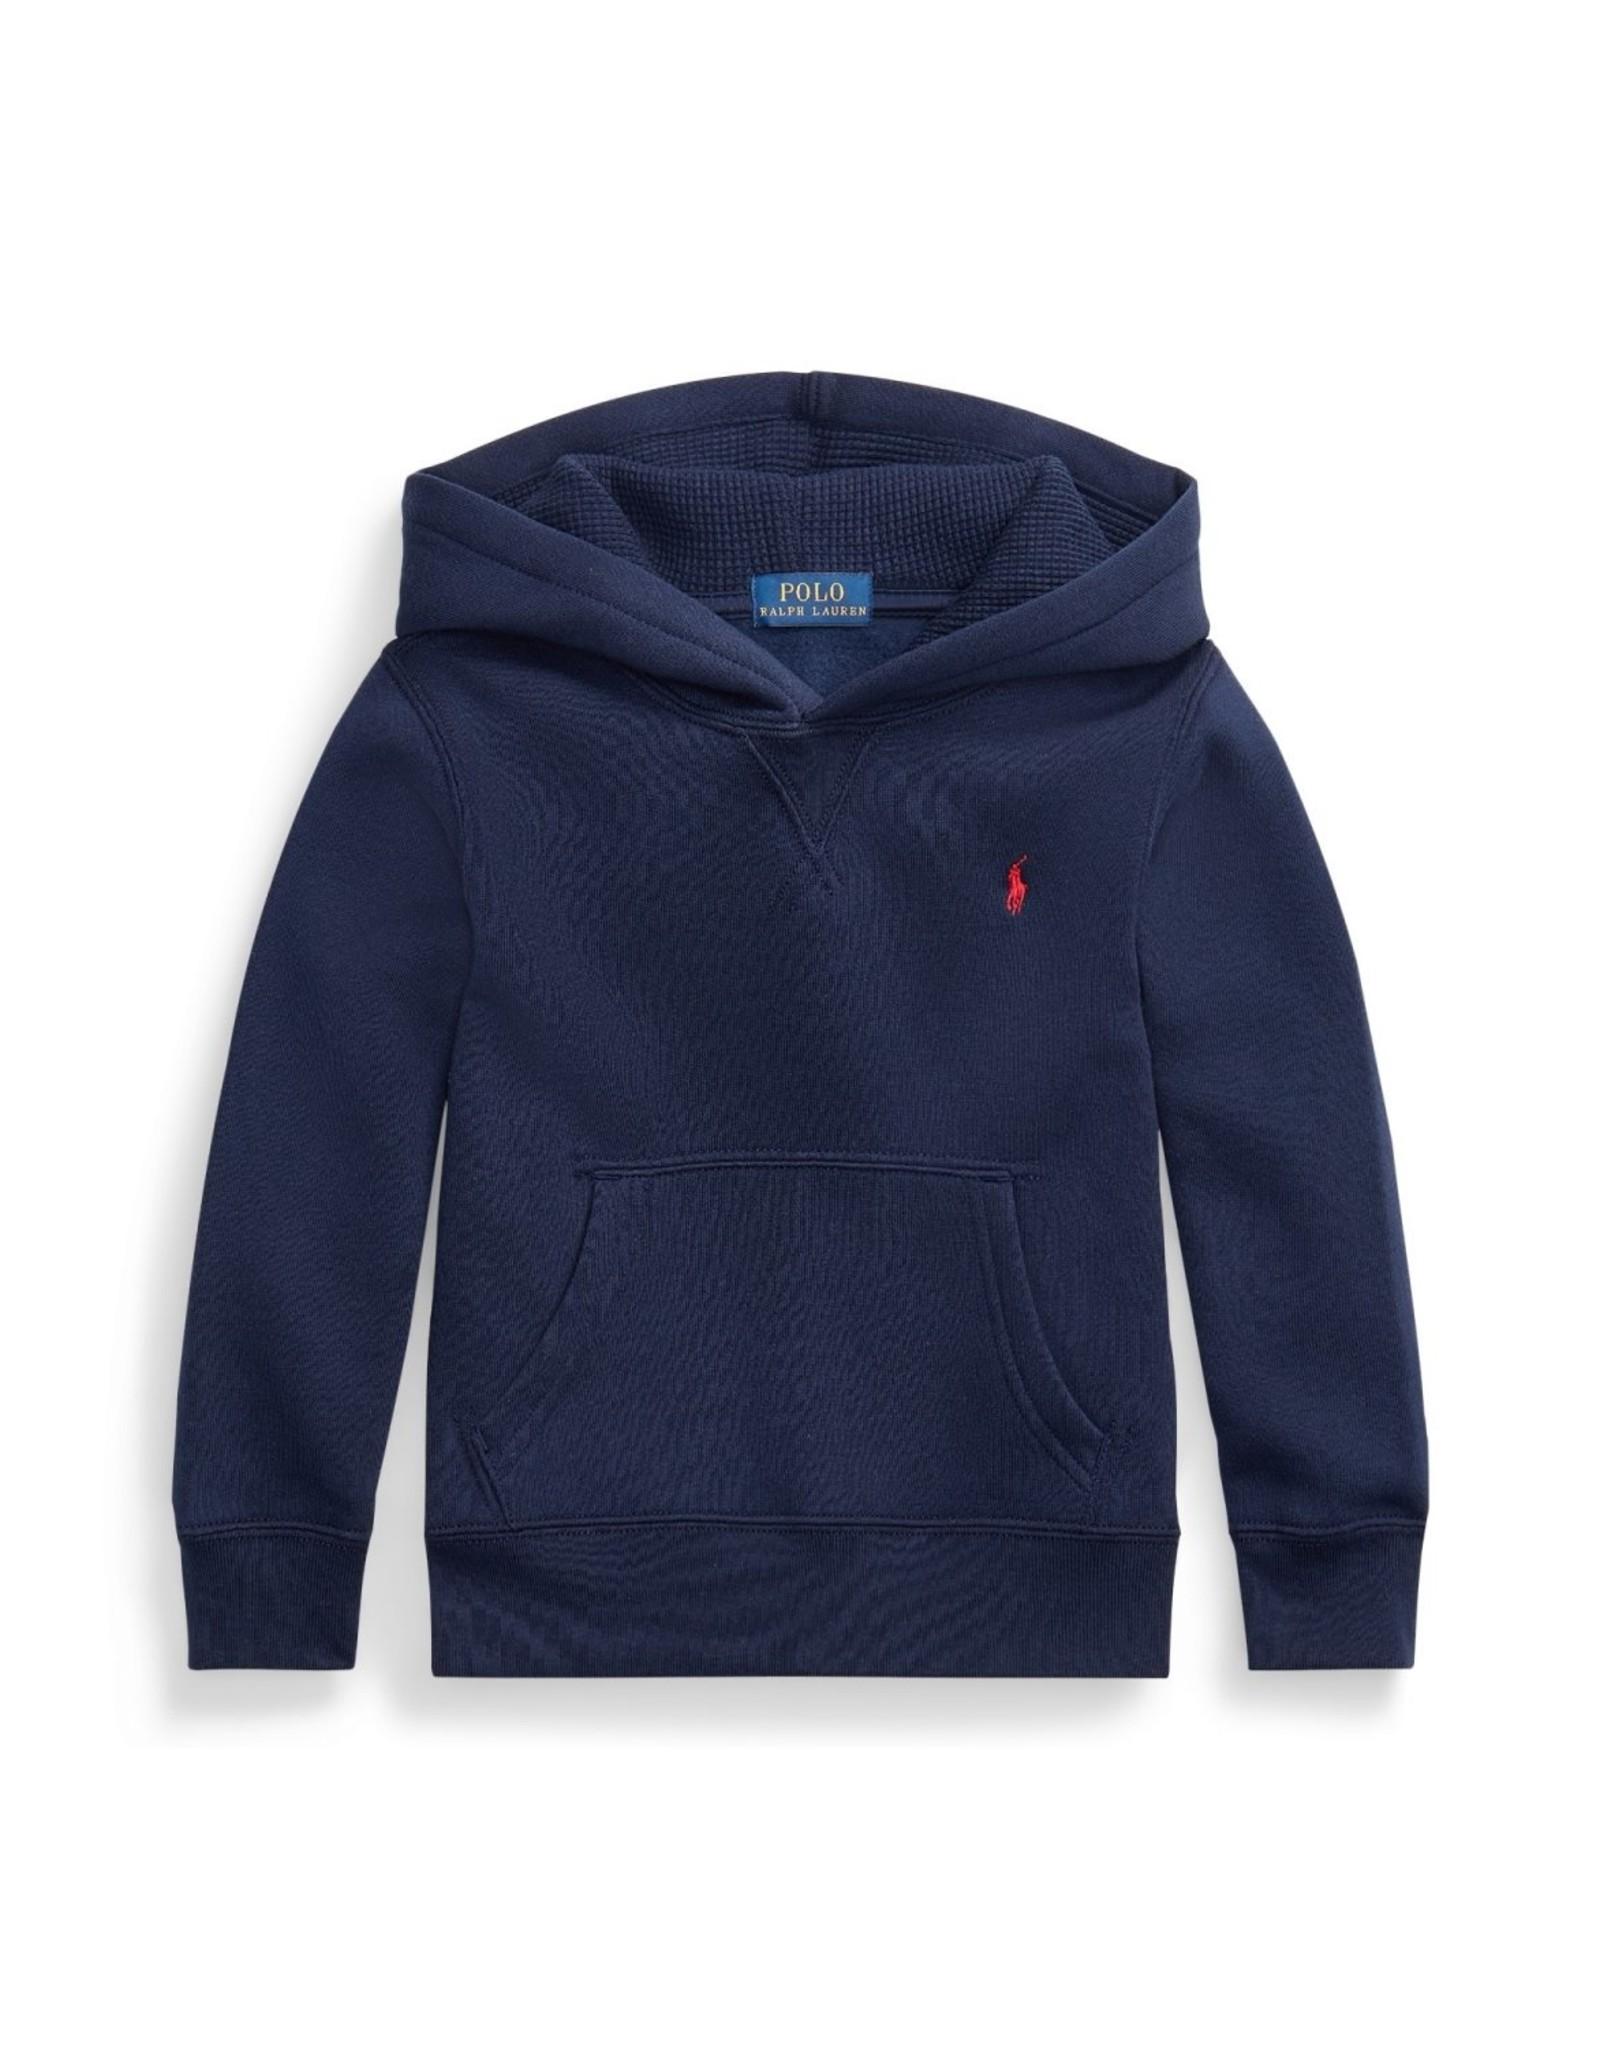 RALPH LAUREN RALPH LAUREN Sweater donkerblauw